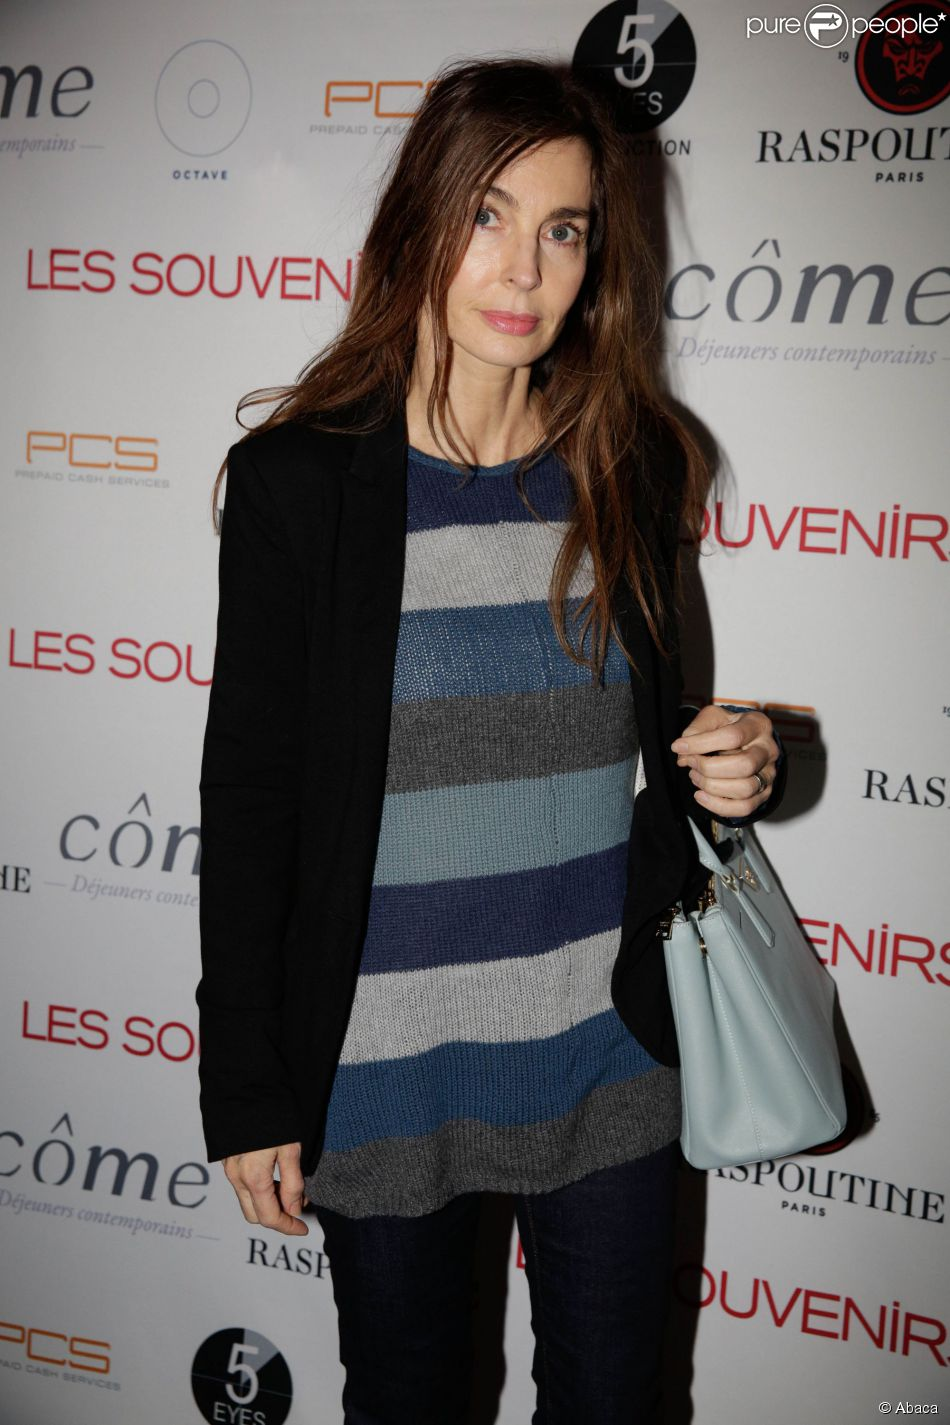 Anne Parillaud à la soirée du film Les Souvenirs à la boîte de nuit Le Raspoutine à Paris. Le 12 janvier 2015.